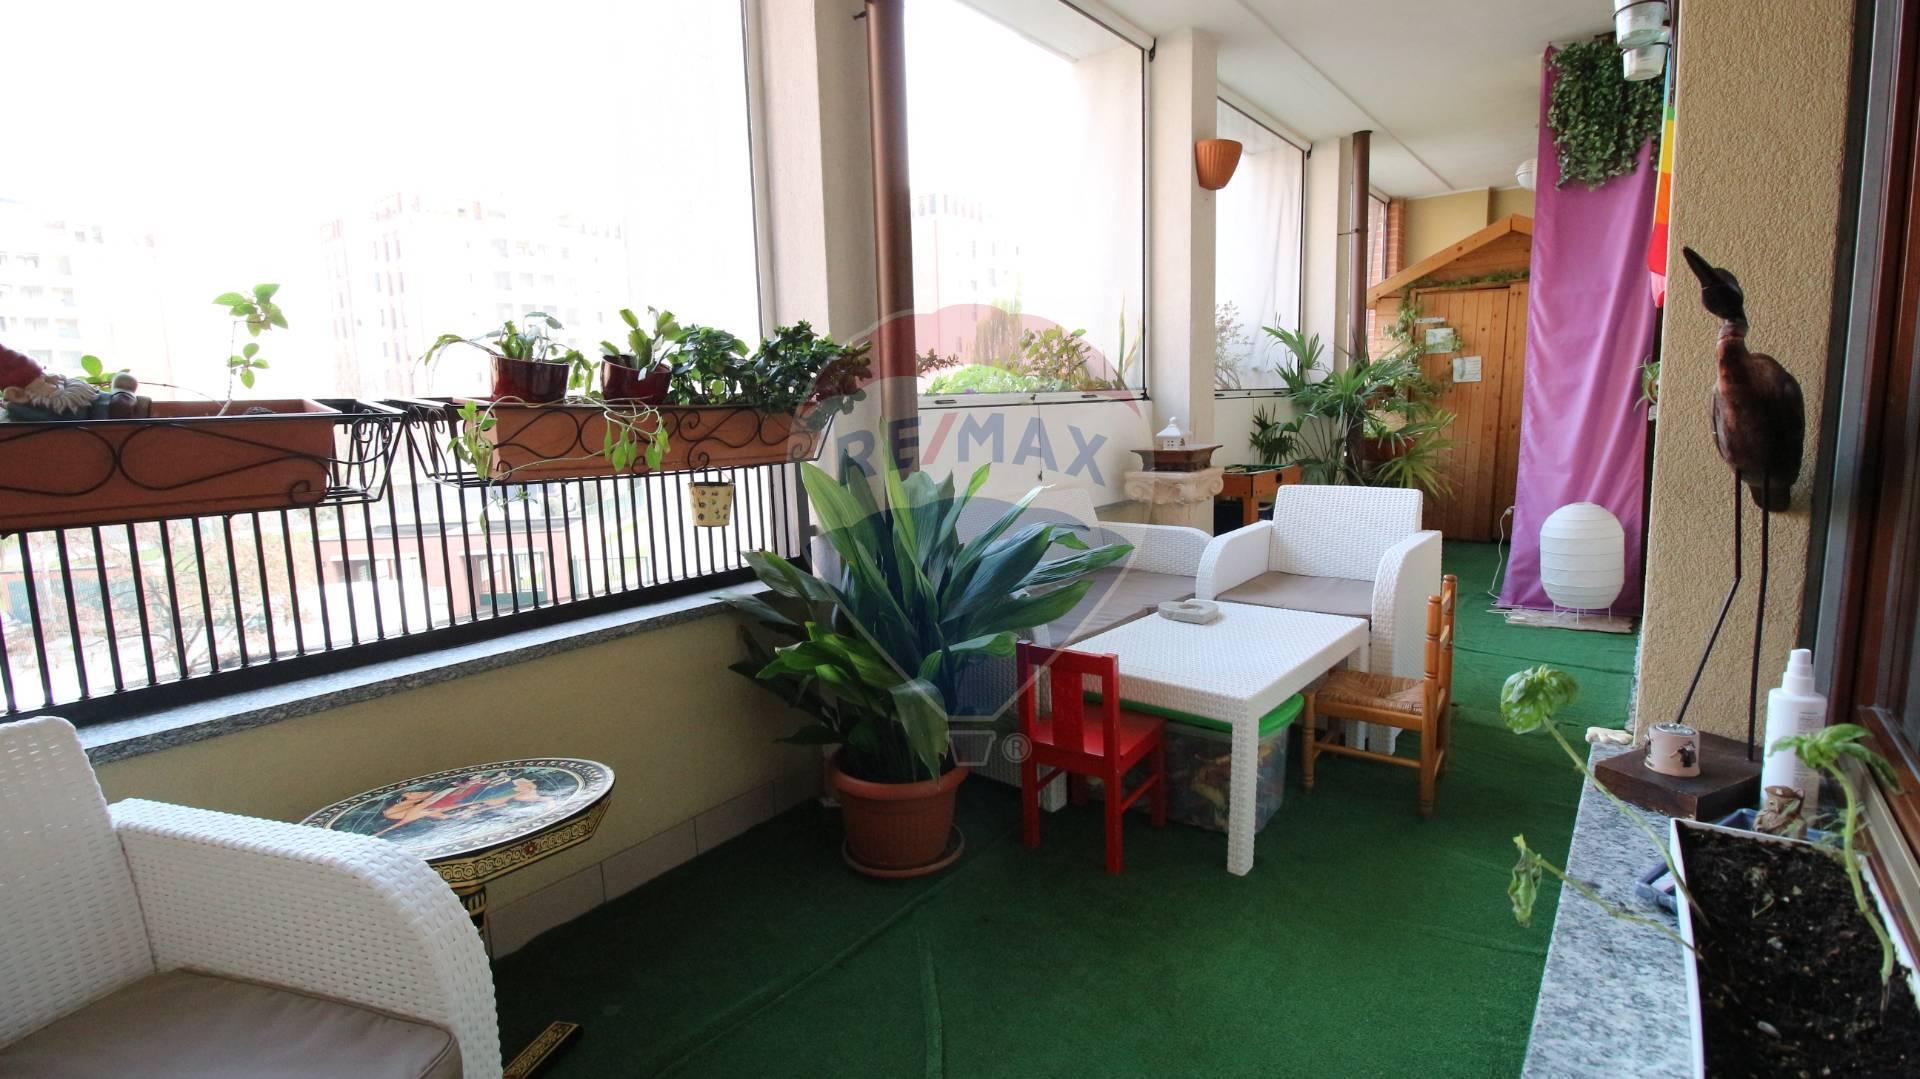 Appartamento in vendita a Mediglia, 3 locali, zona Zona: Bettolino, prezzo € 162.000   CambioCasa.it